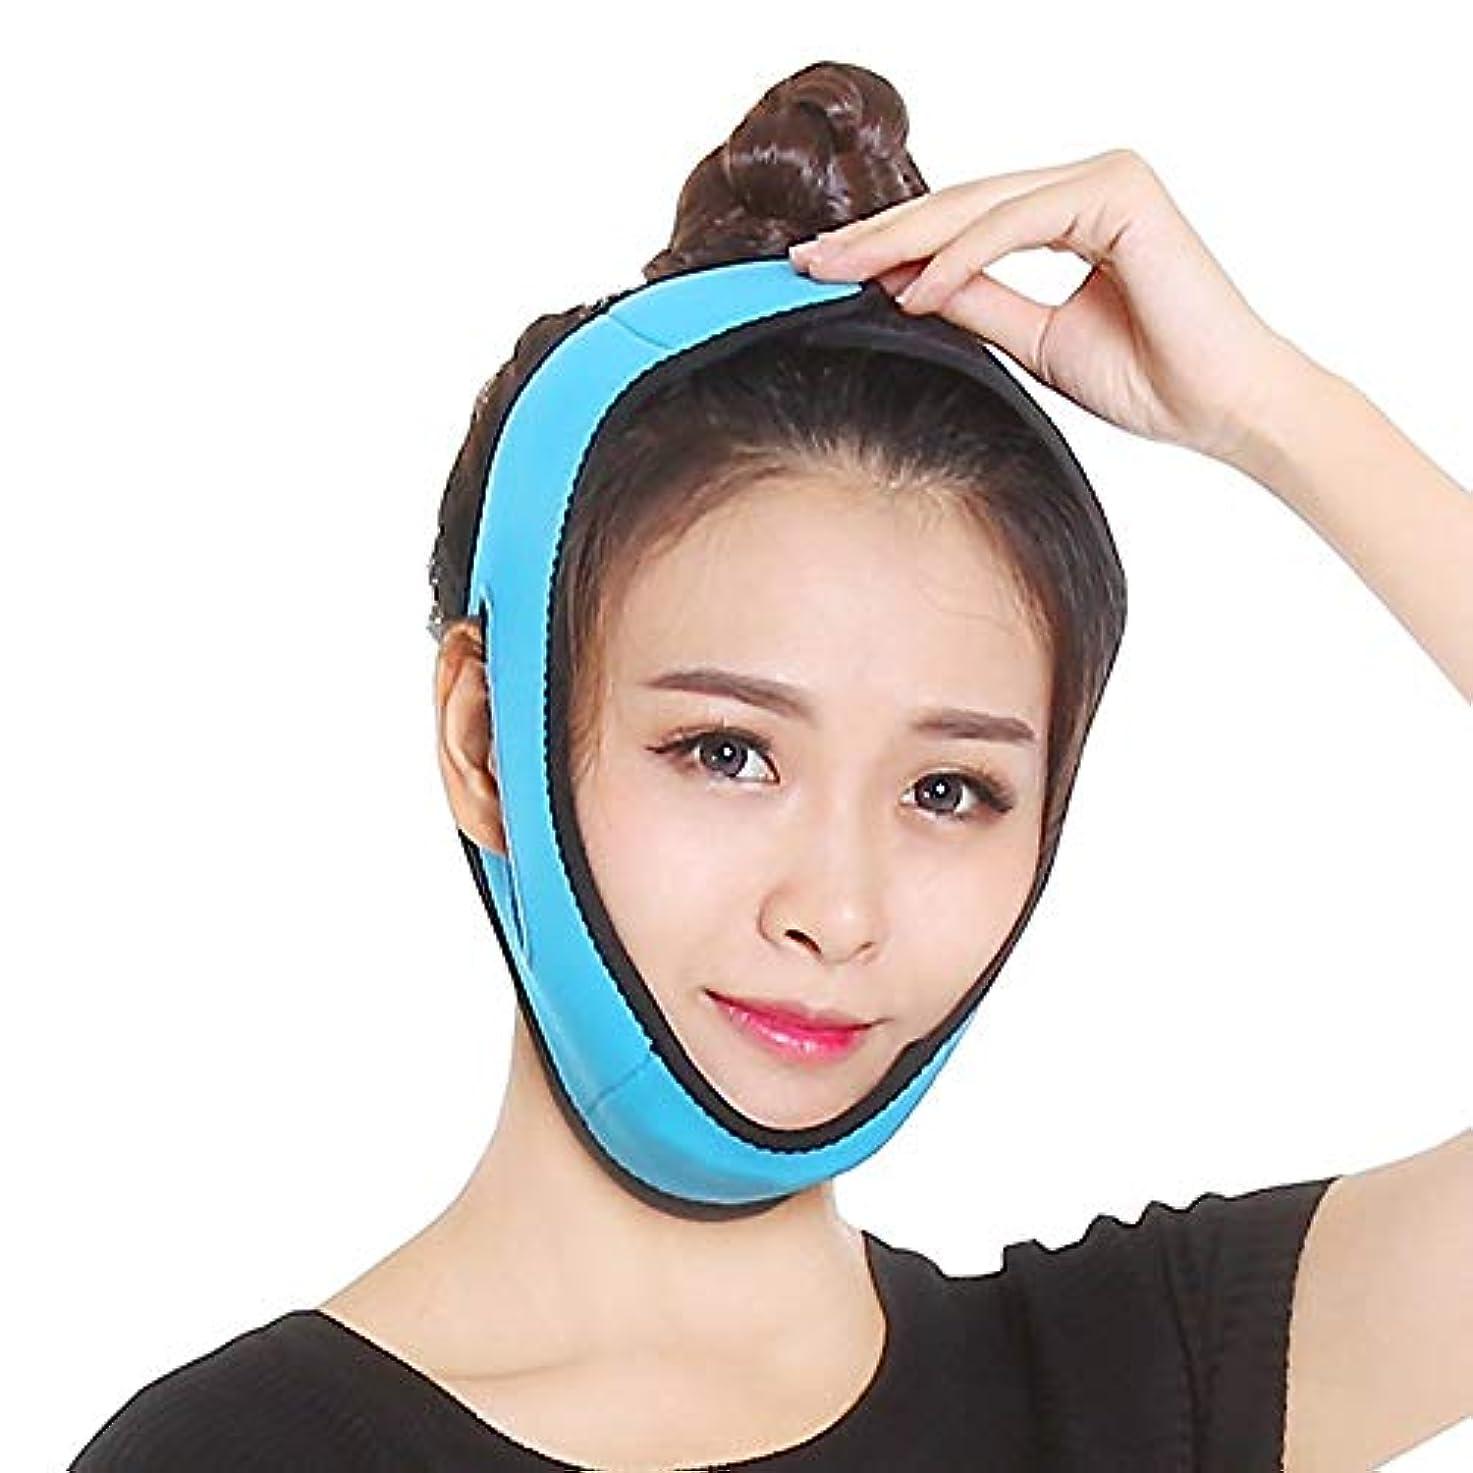 シールストリームフックGYZ フェイシャルリフティングスリミングベルト - 薄いフェイス包帯二重あごデバイス無料フェイシャルマッサージ整形マスクを引き締める顔と首の顔スリム Thin Face Belt